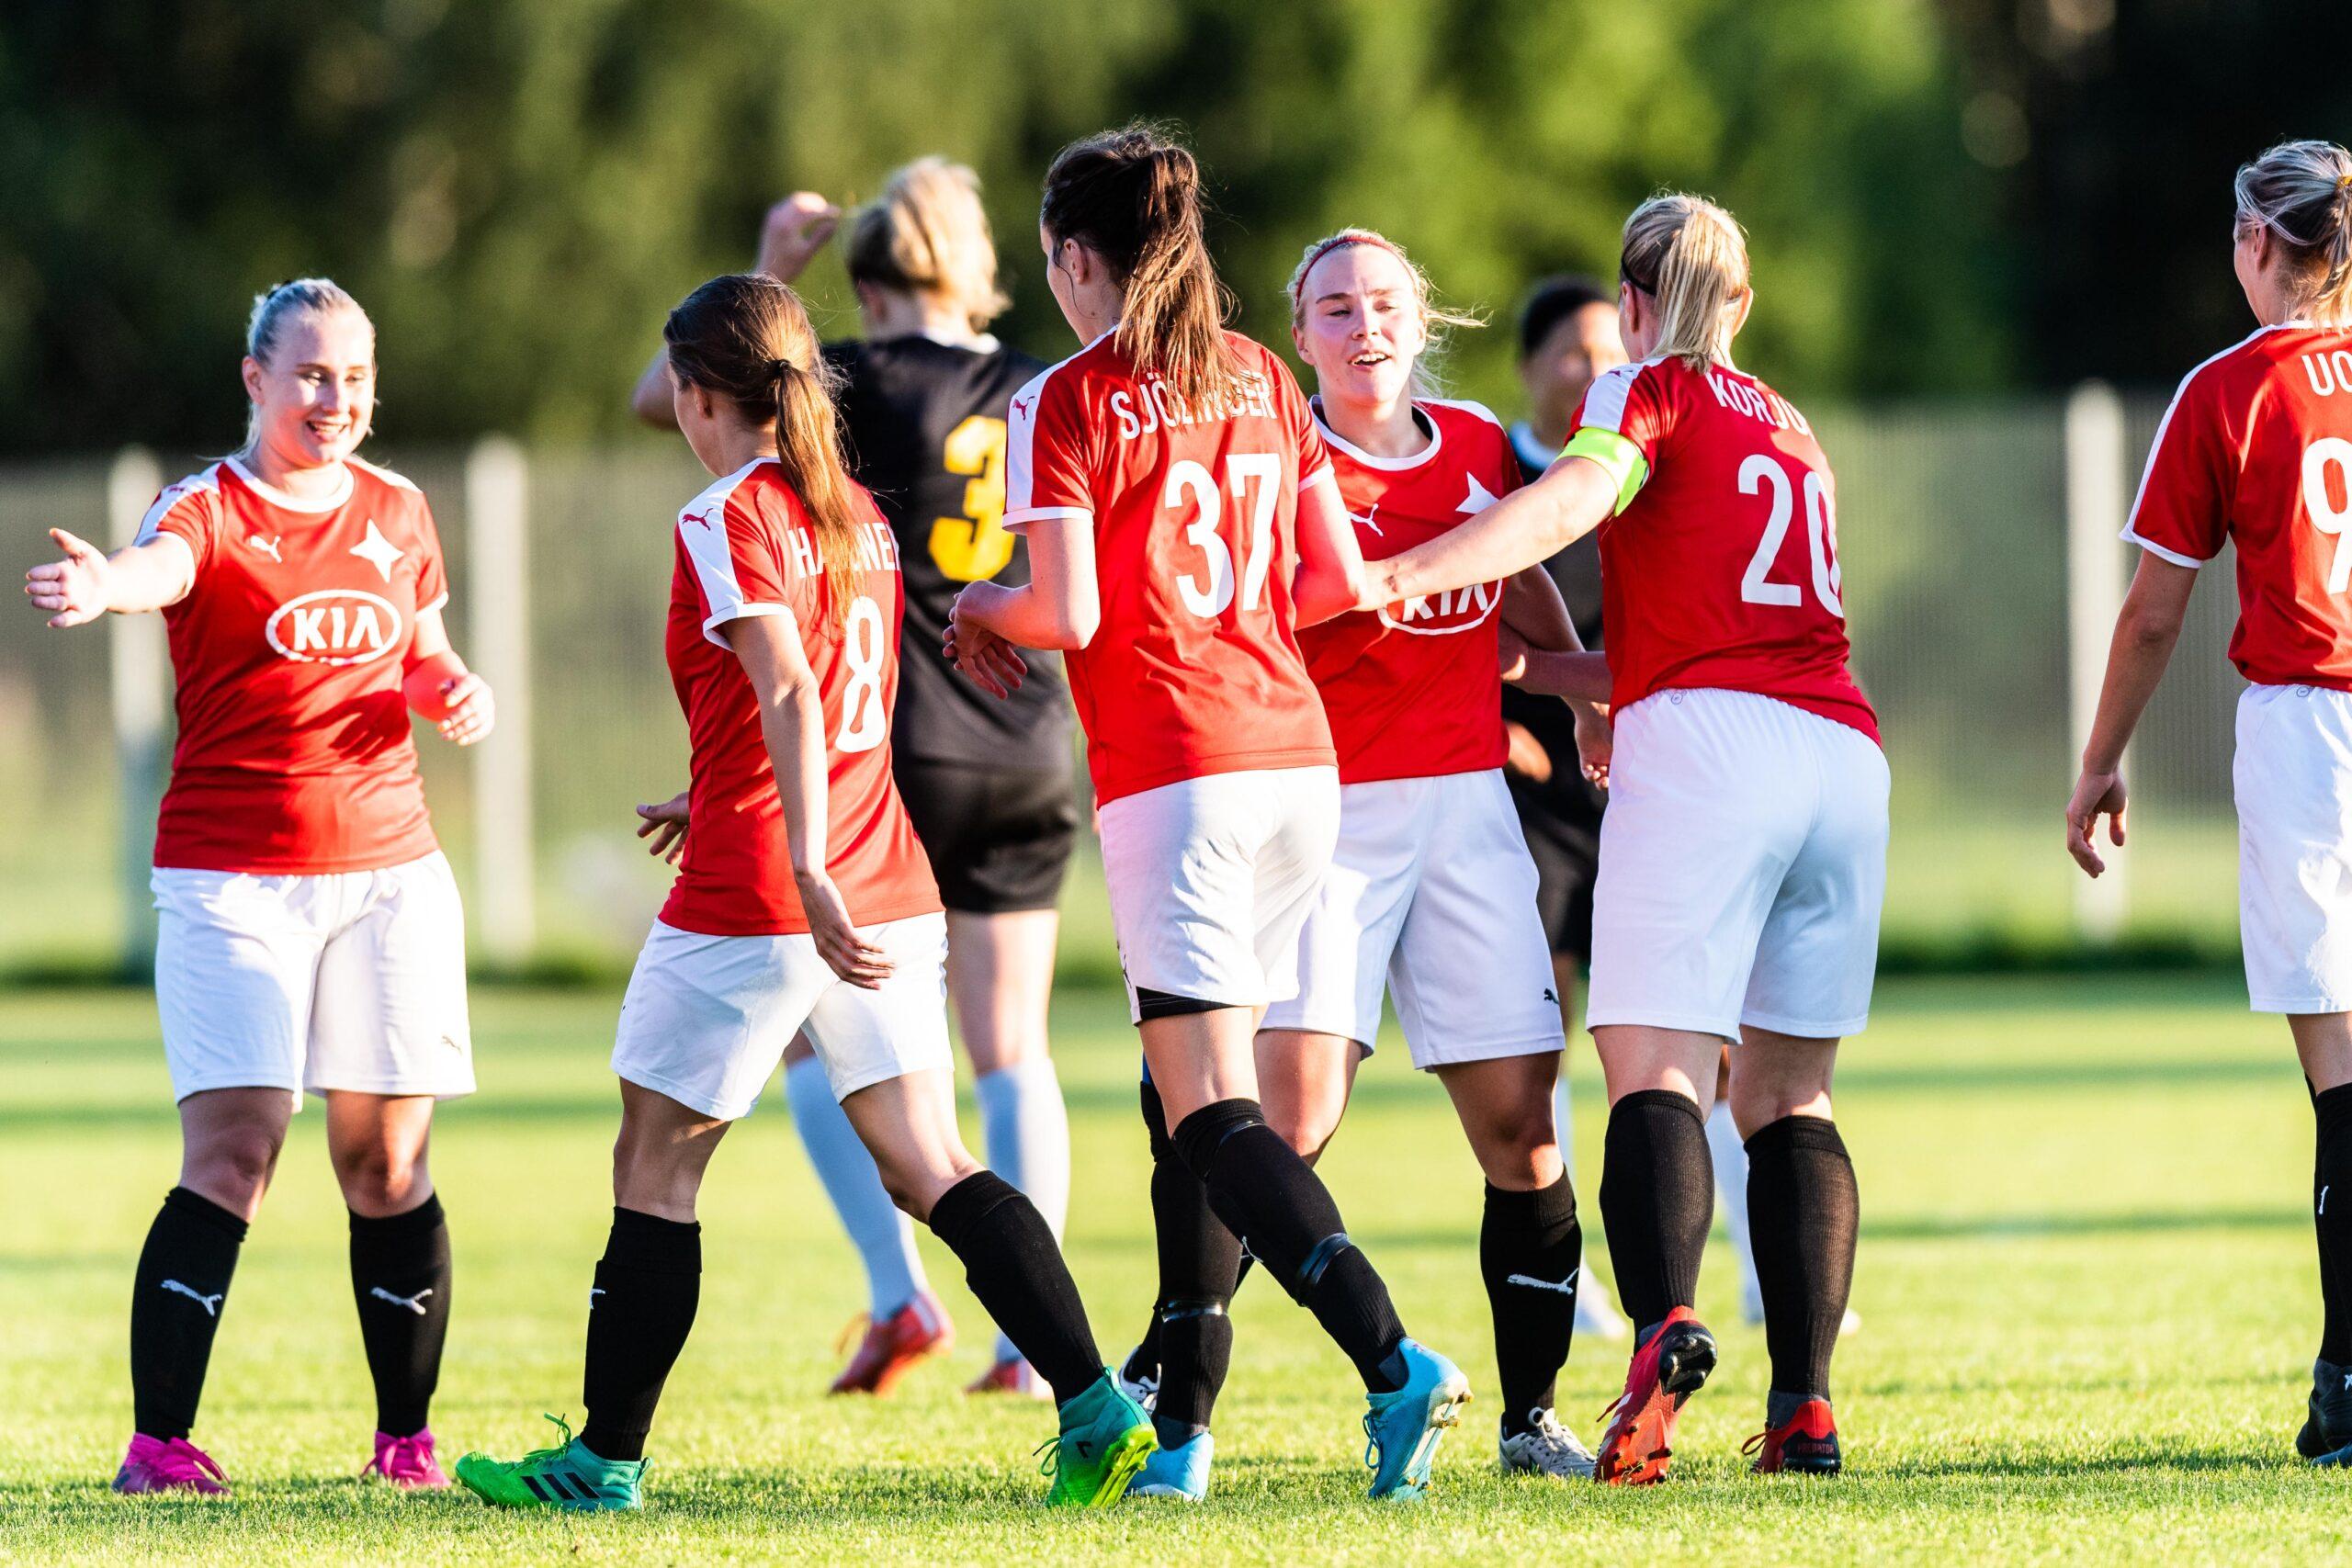 Ett förstärkt HIFK redo inför en ny säsong i damernas Trea – med målsättning att avancera uppåt